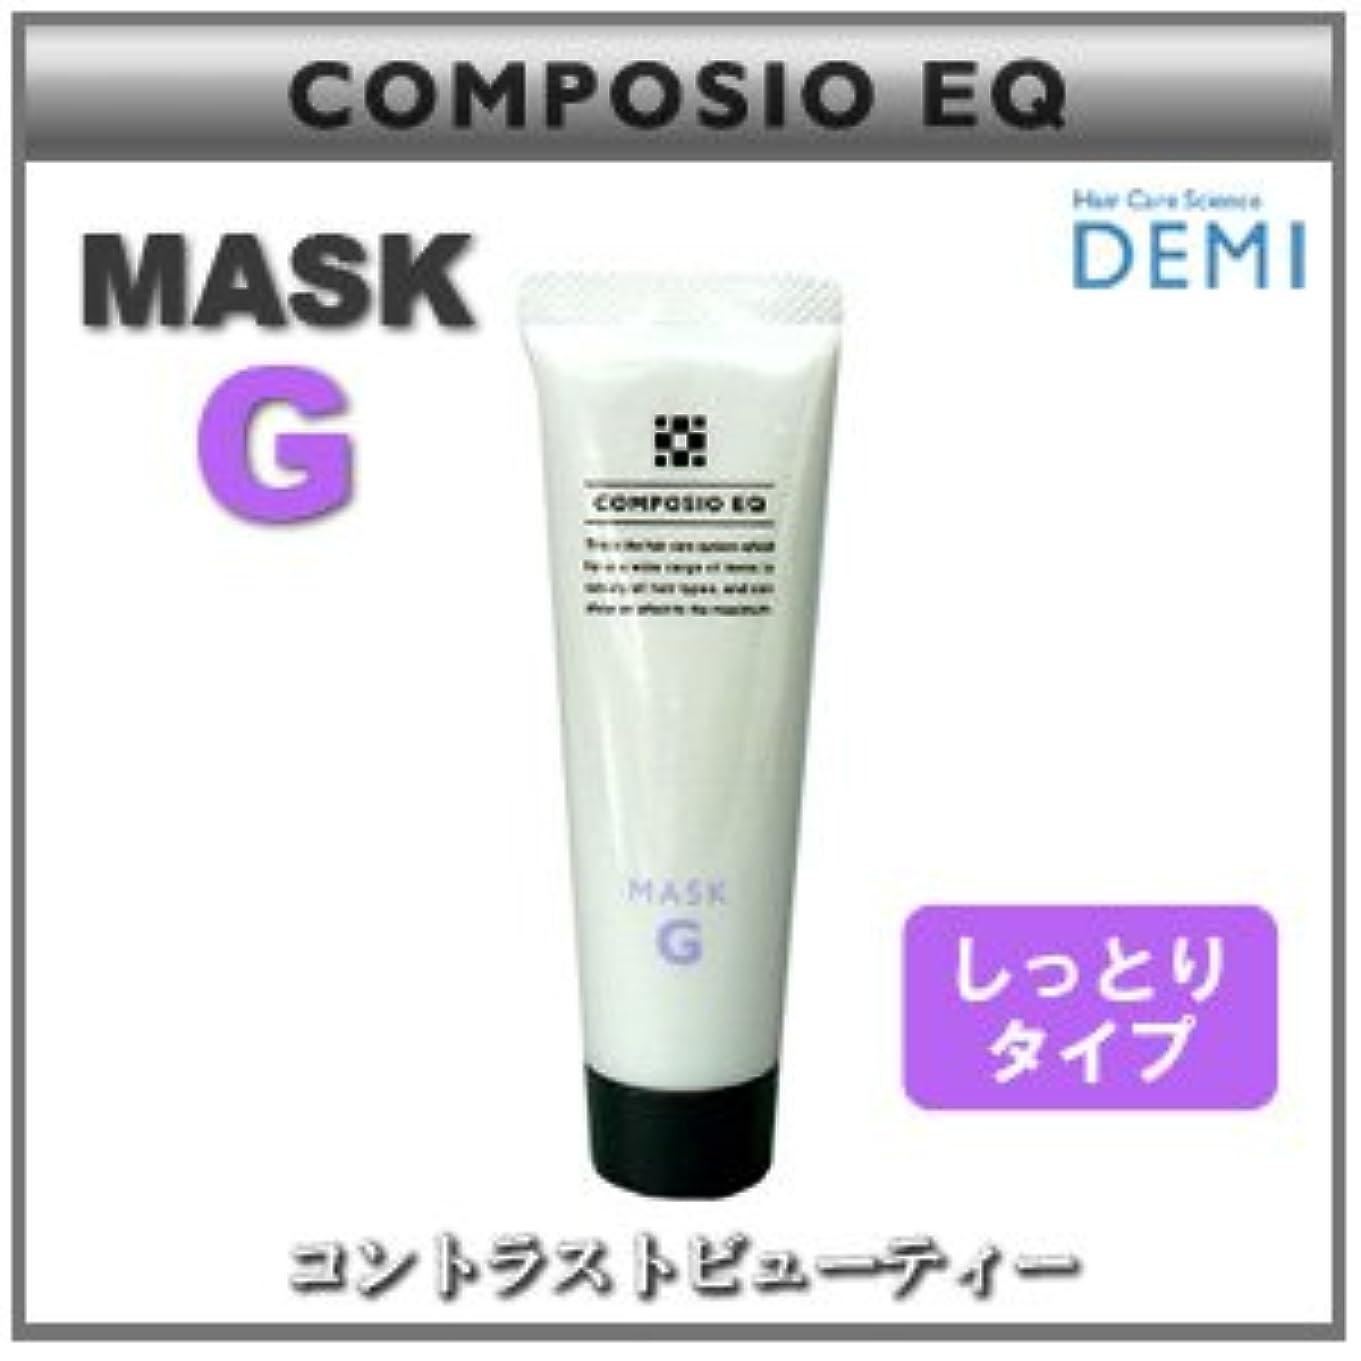 不当急勾配の以下【X2個セット】 デミ コンポジオ EQ マスク G 50g